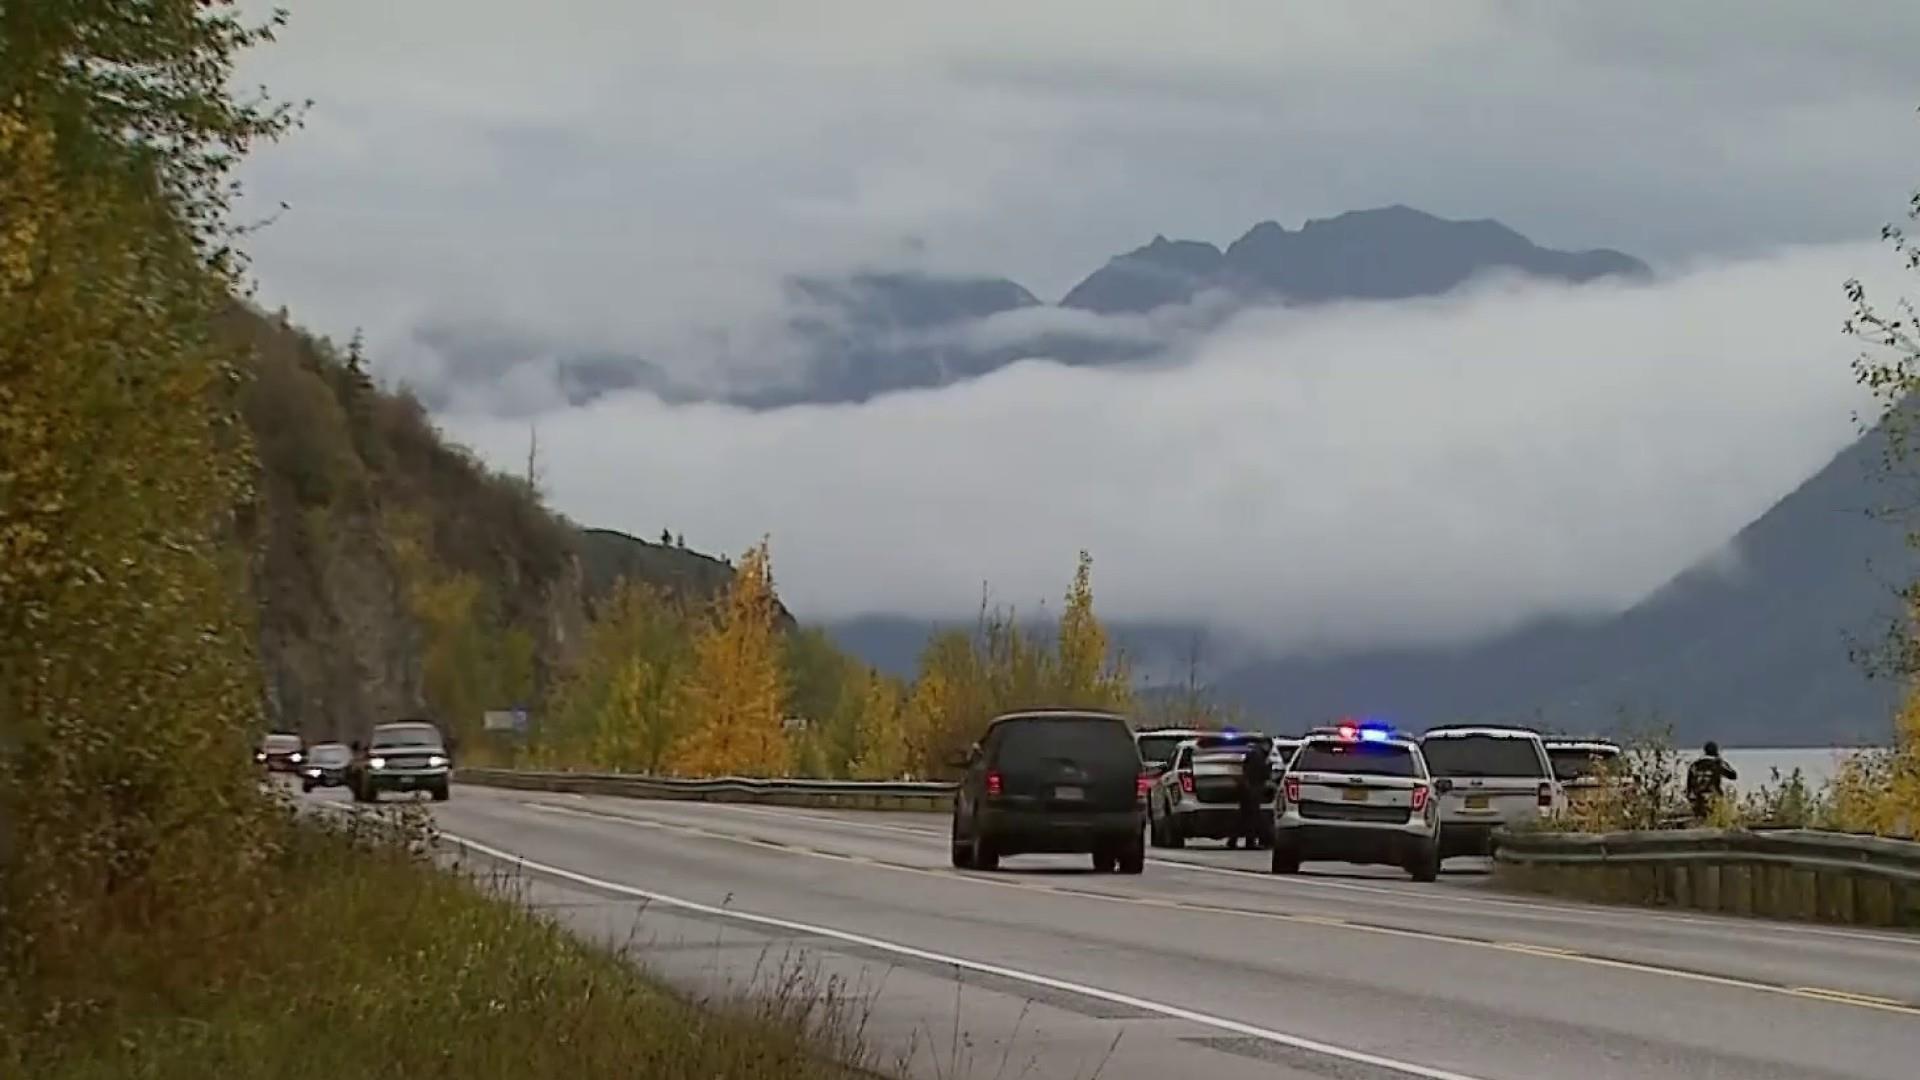 An SD card found on an Alaska street showed a woman's murder. Now a man is arrested.